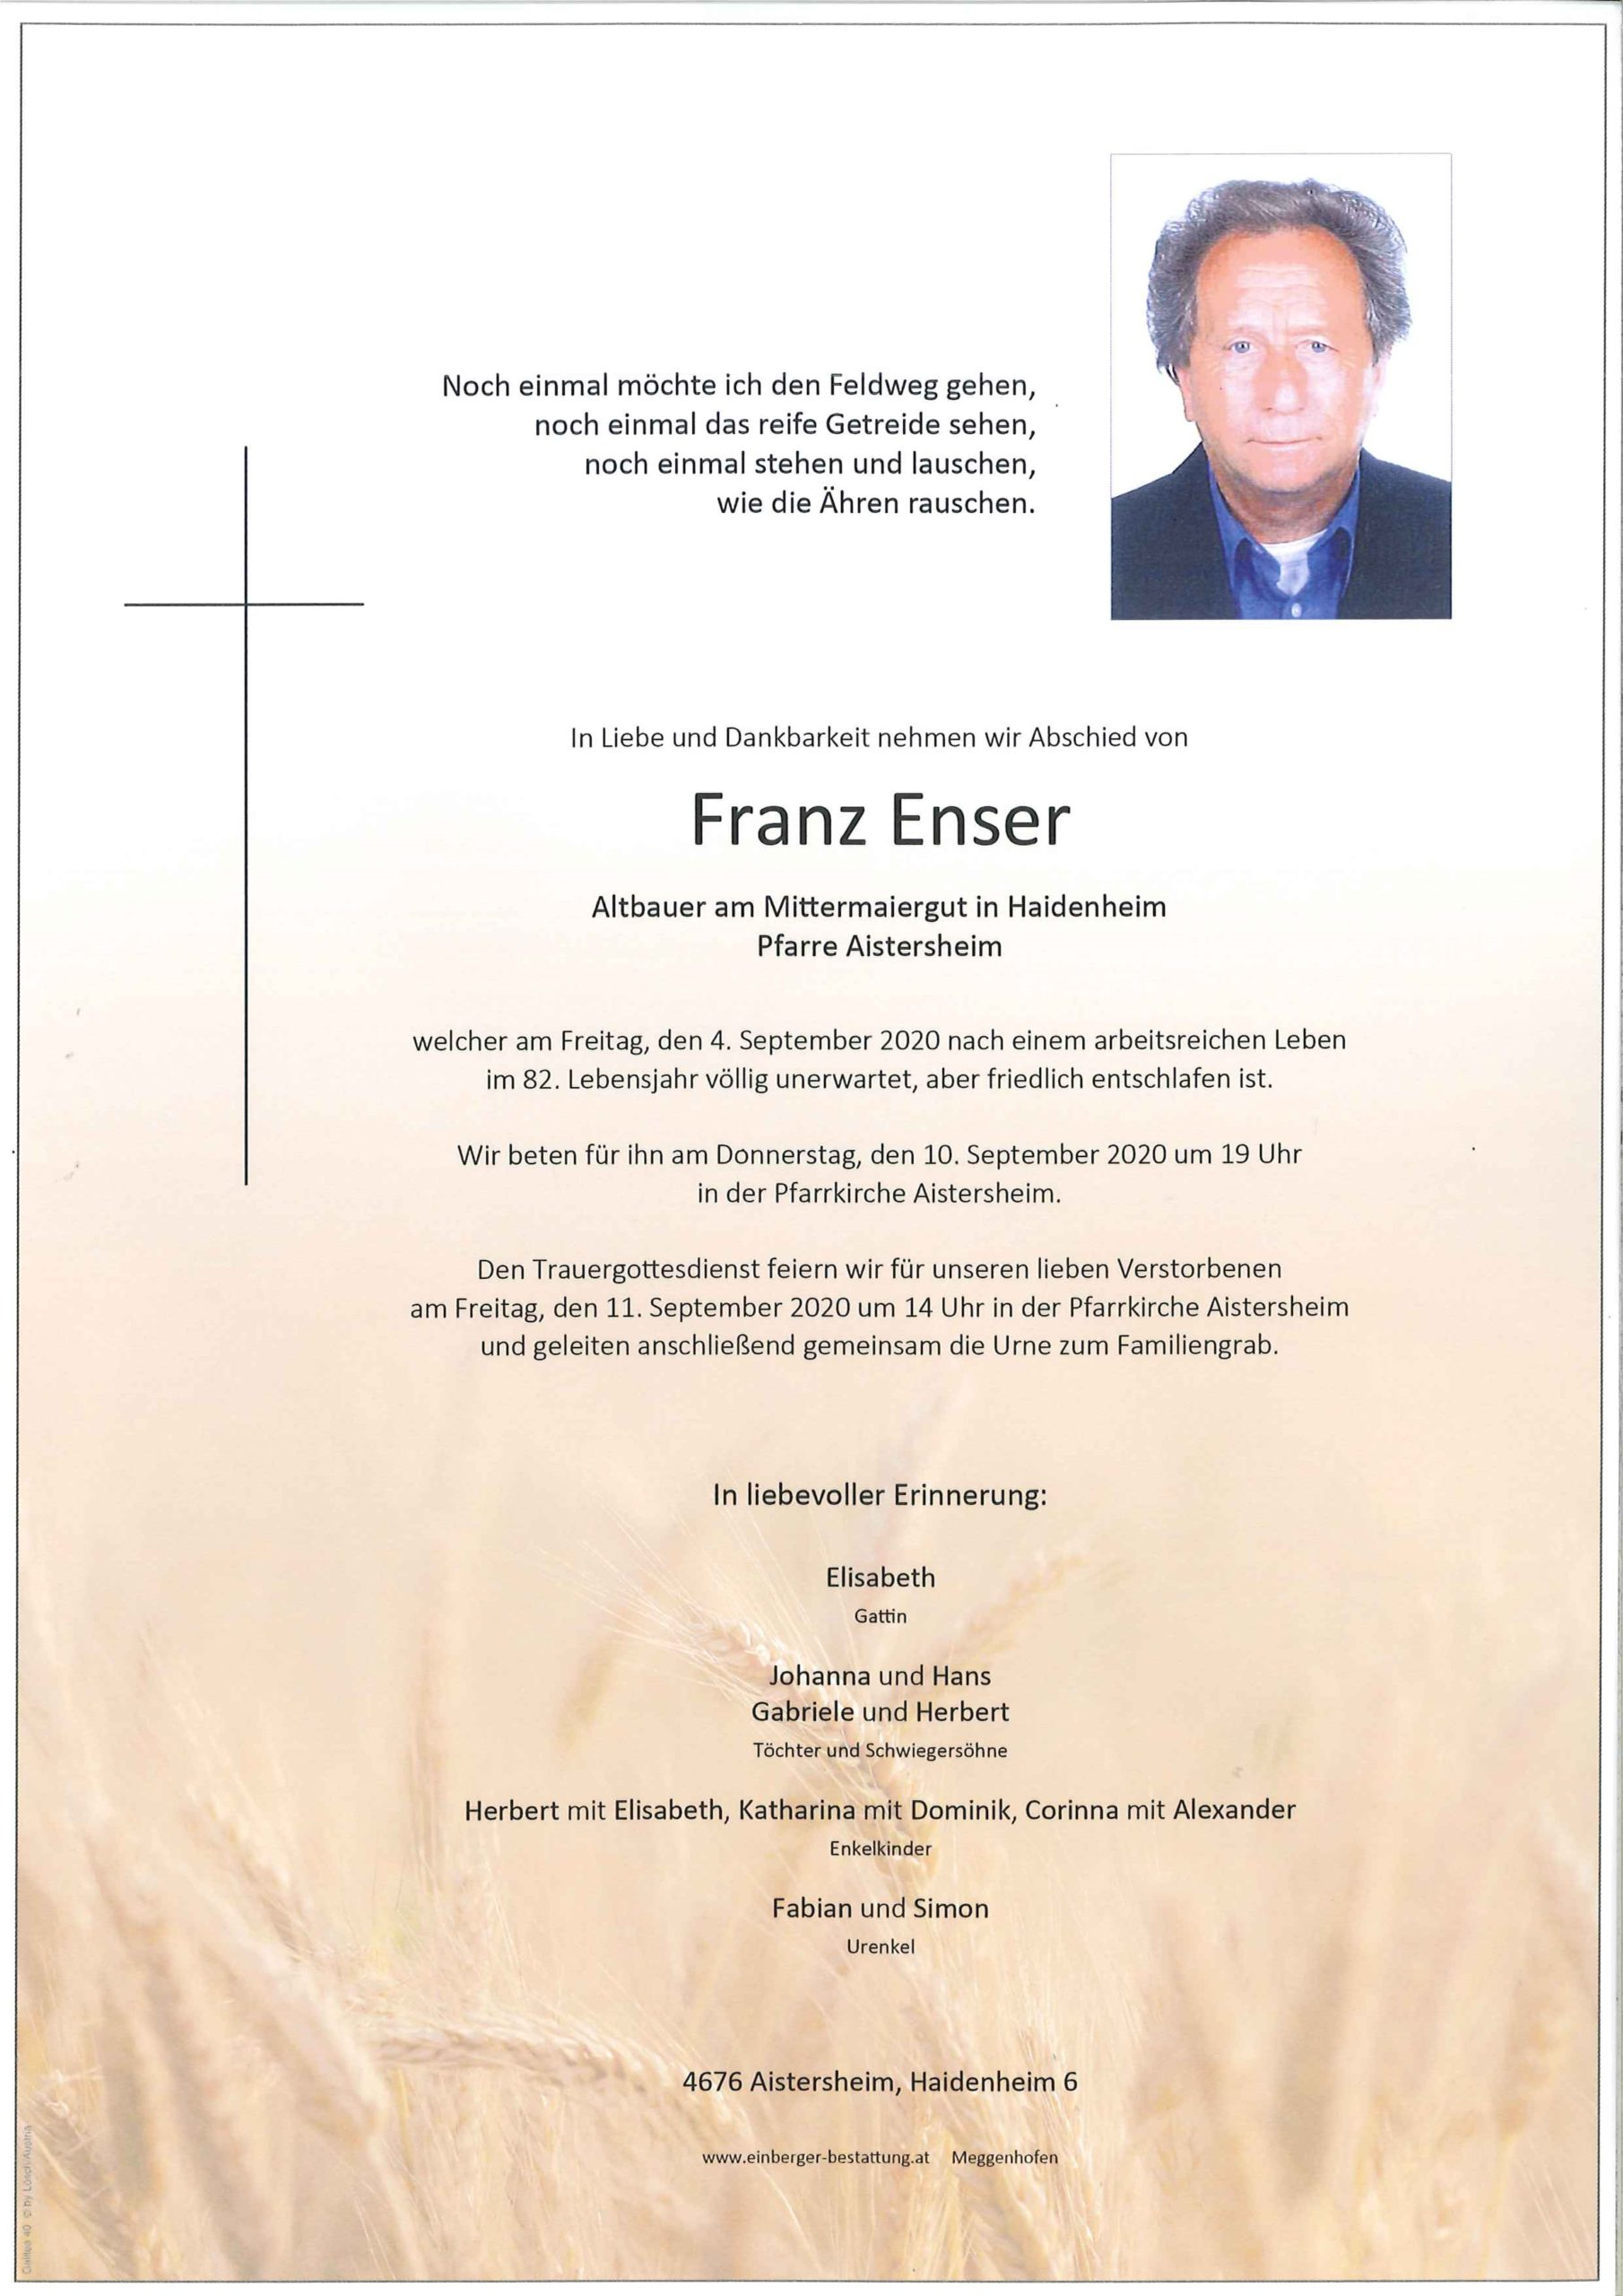 Franz Enser